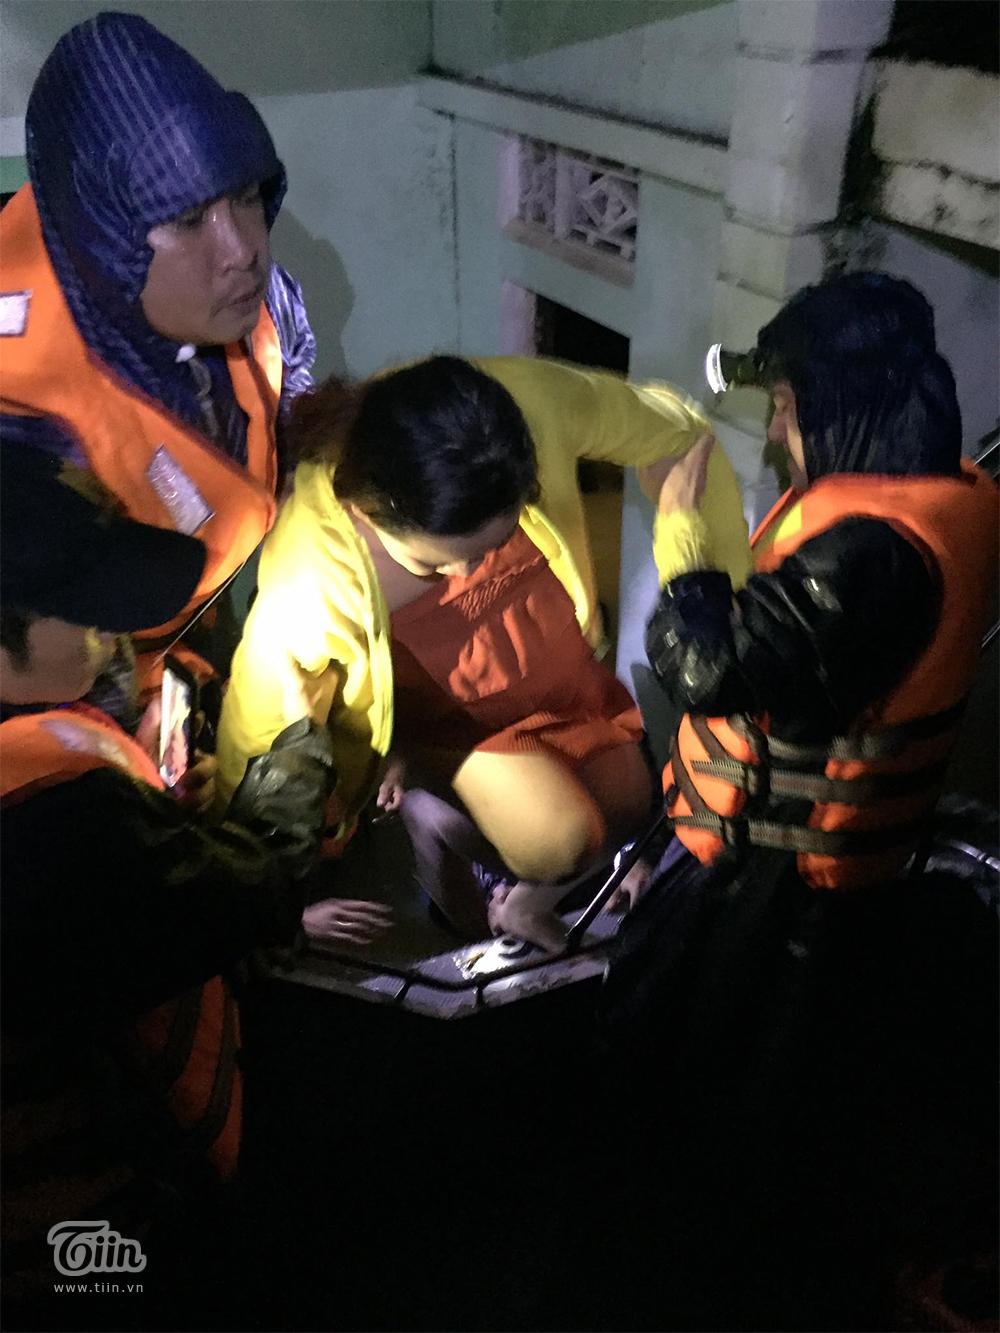 Mất điện do mưa lũ, các thành viên đội cứu hộ phải soiđèn pin để đưa chị Mến lên cano